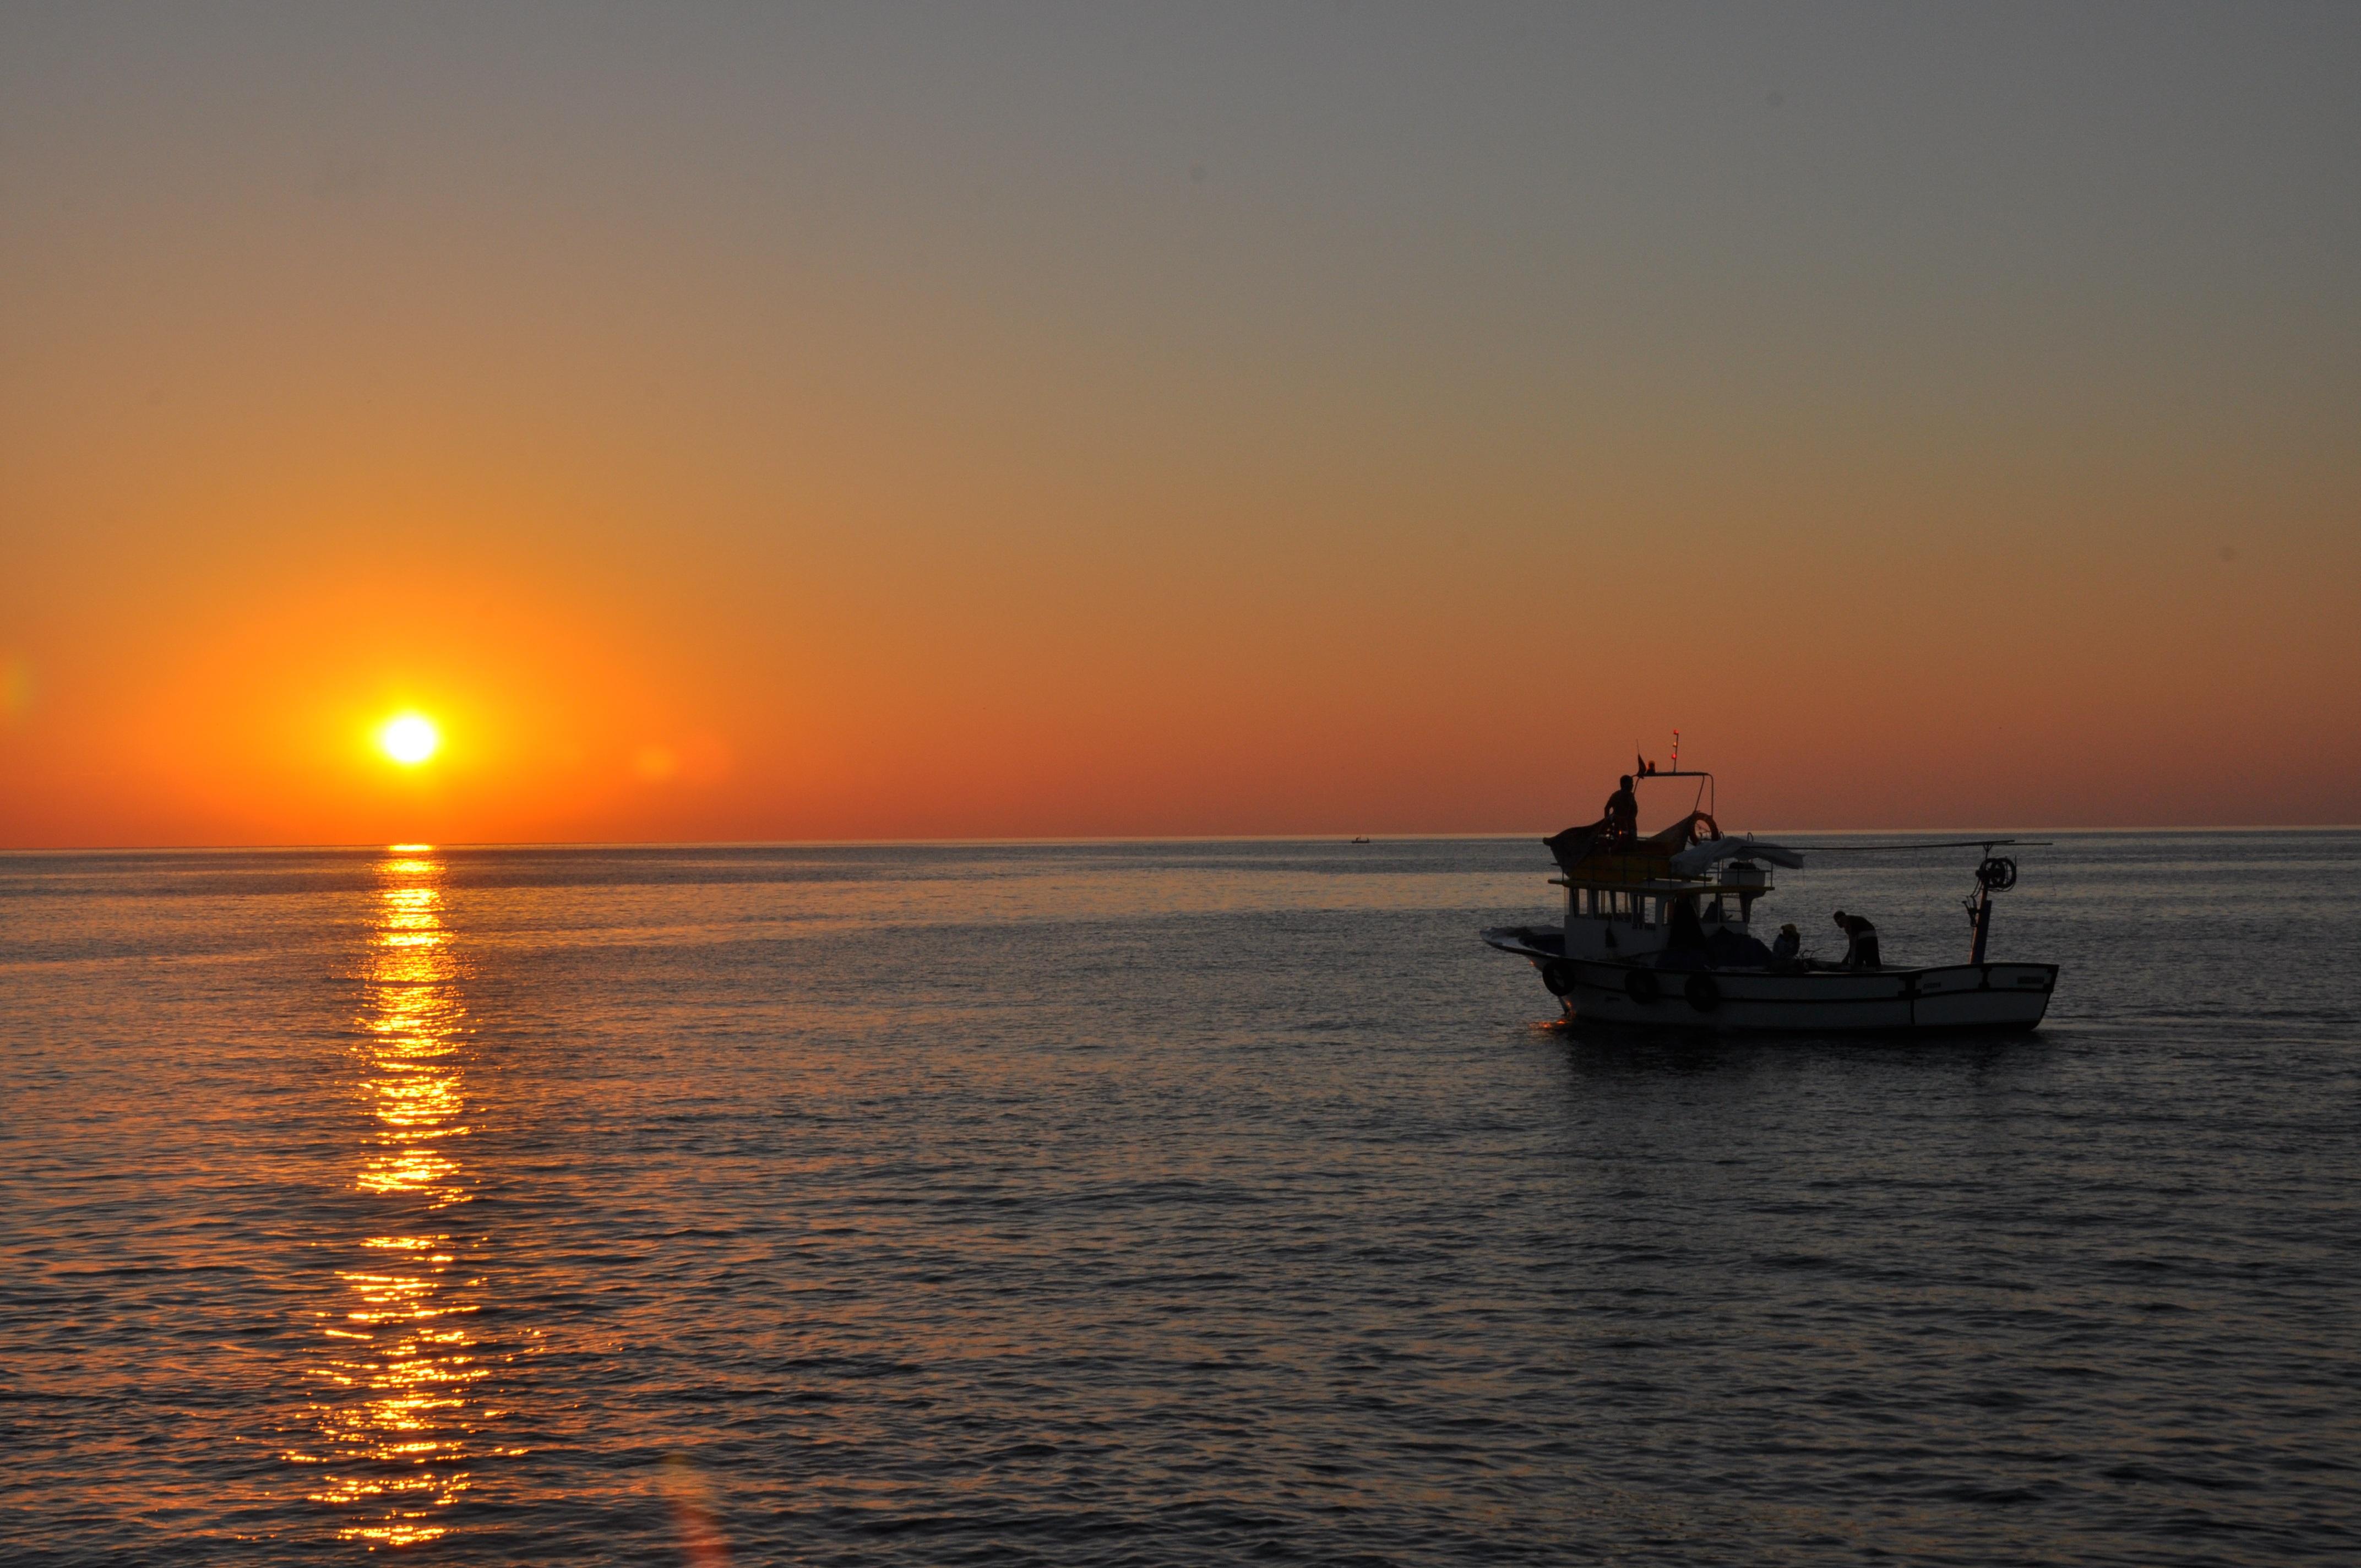 Gambar Pemandangan Laut Alam Lautan Horison Langit Matahari